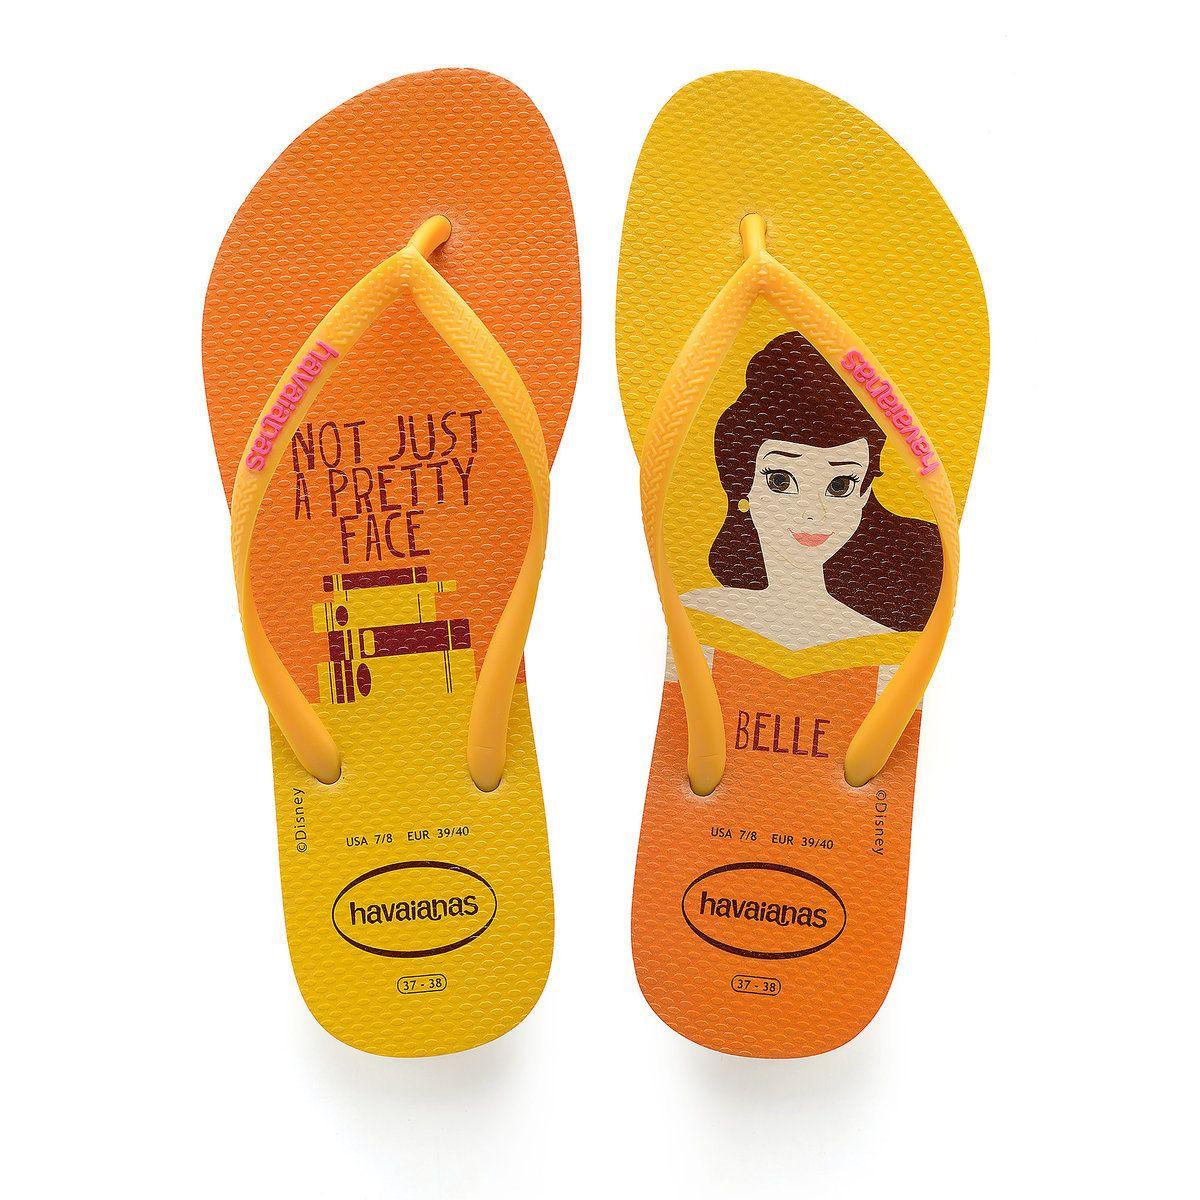 4fa978e33a9b7 Belle Flip Flops for Women by Havaianas